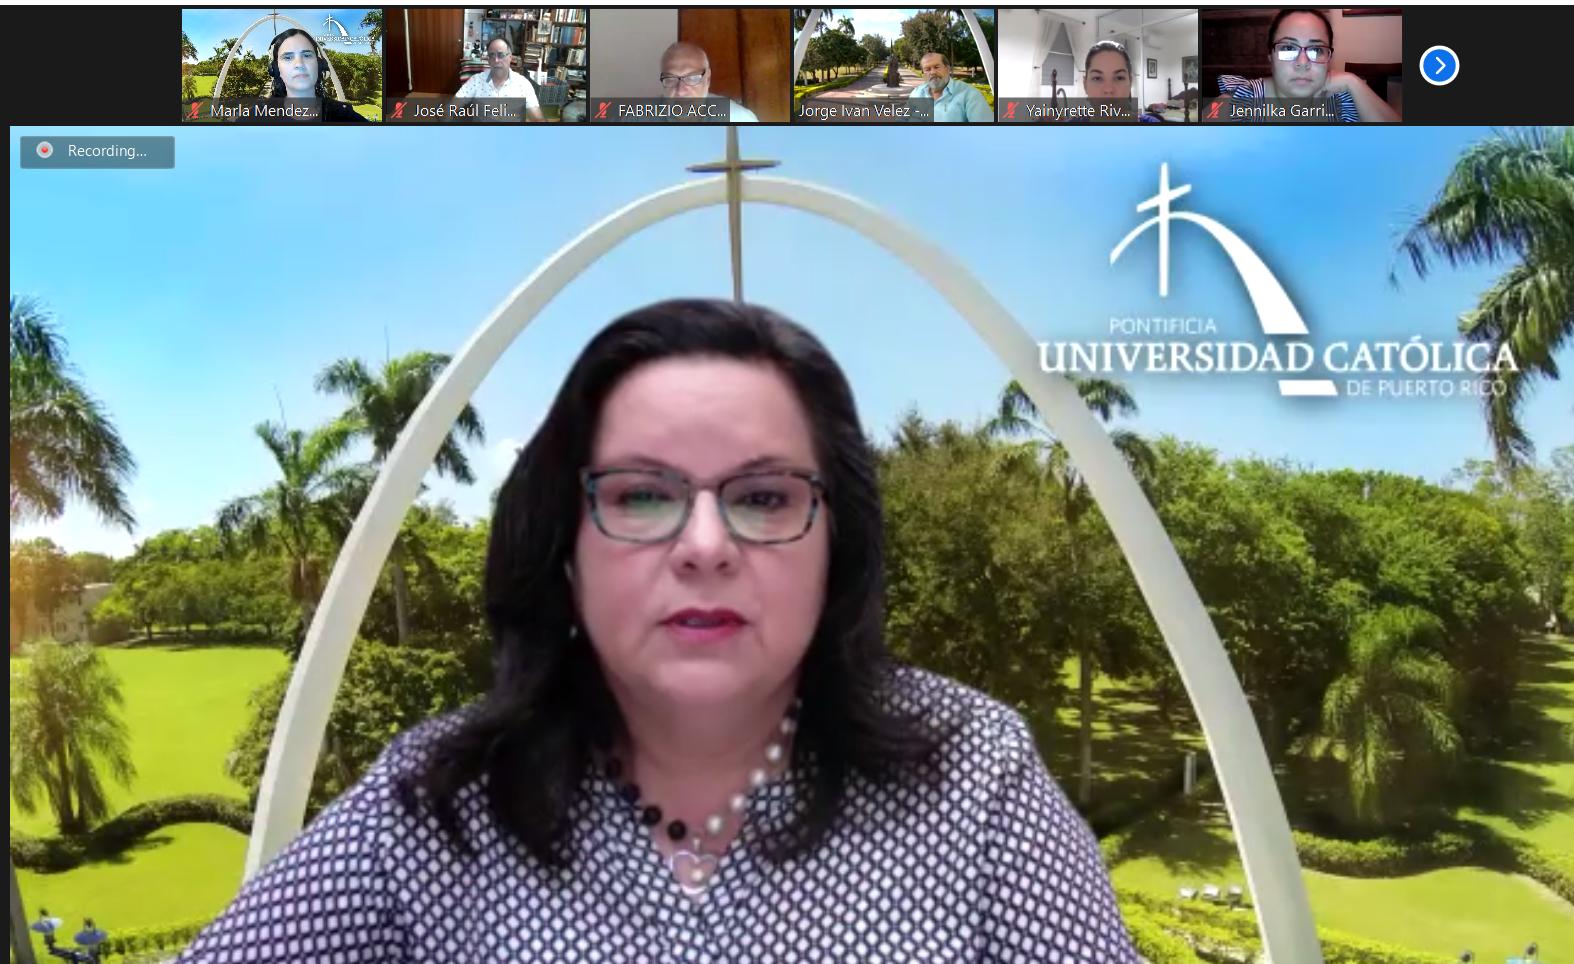 La Dra. Alma Santiago, decana del Colegio de Ciencias formó parte del panel.